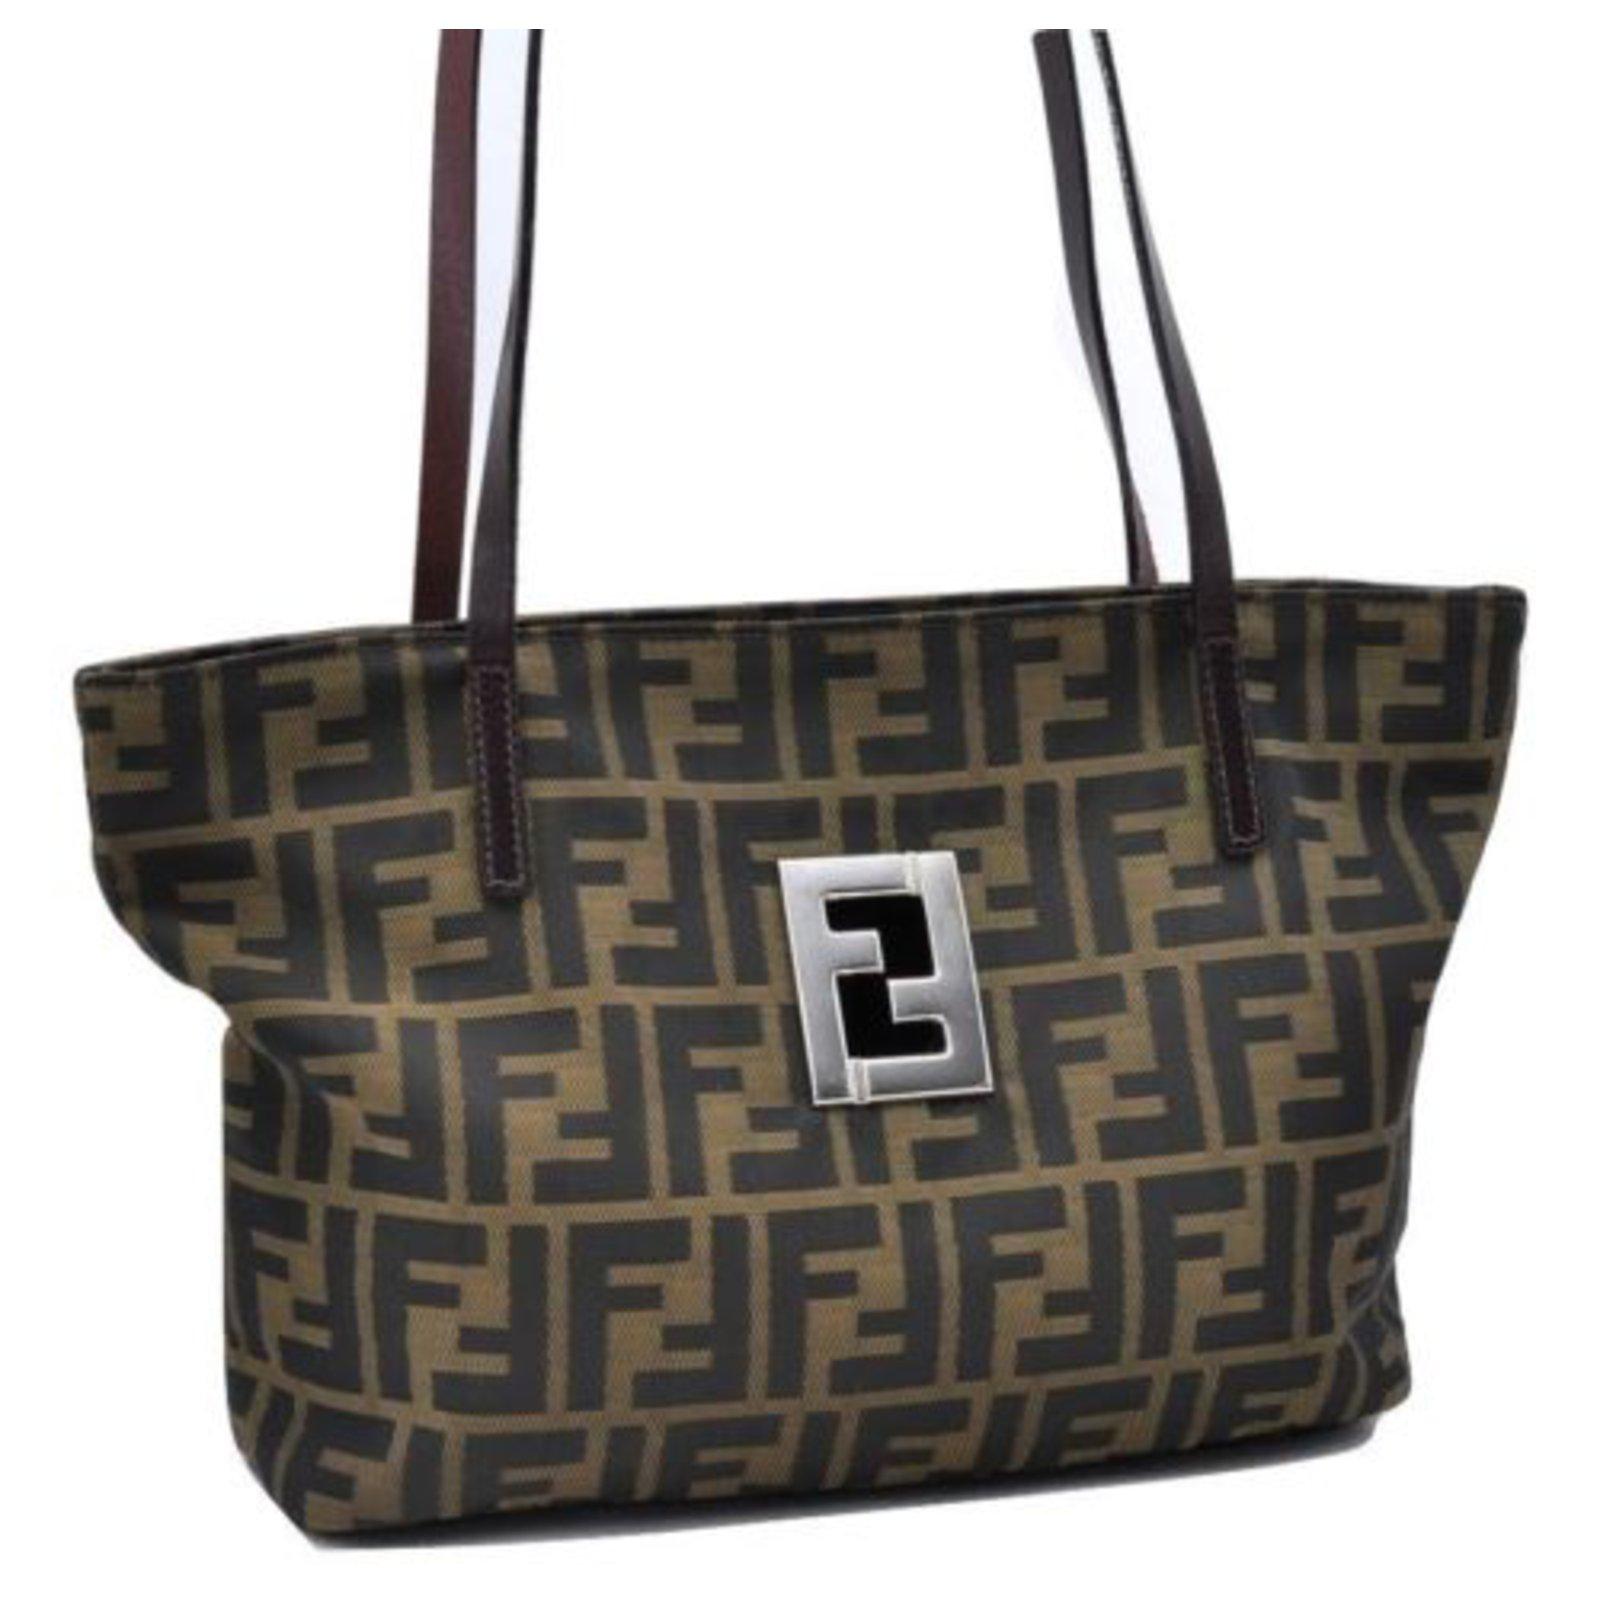 65a1efd4c6 Shoulder Tote Bag